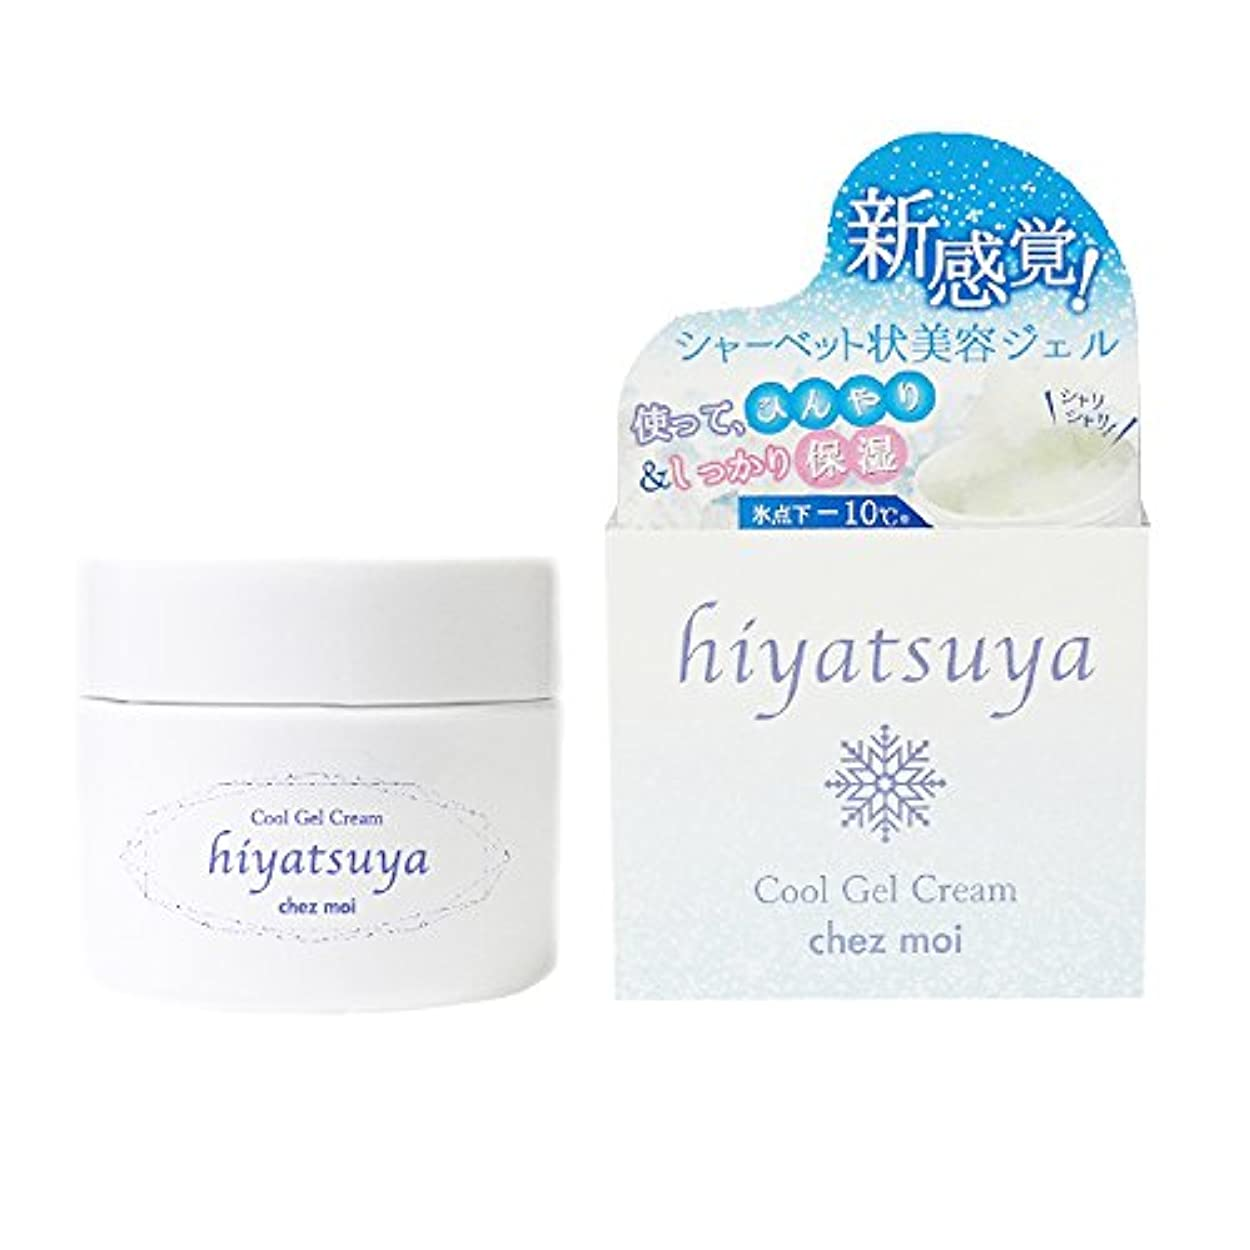 ワゴン直感不安シェモア hiyatsuya(ヒヤツヤ) cool gel cream 70g